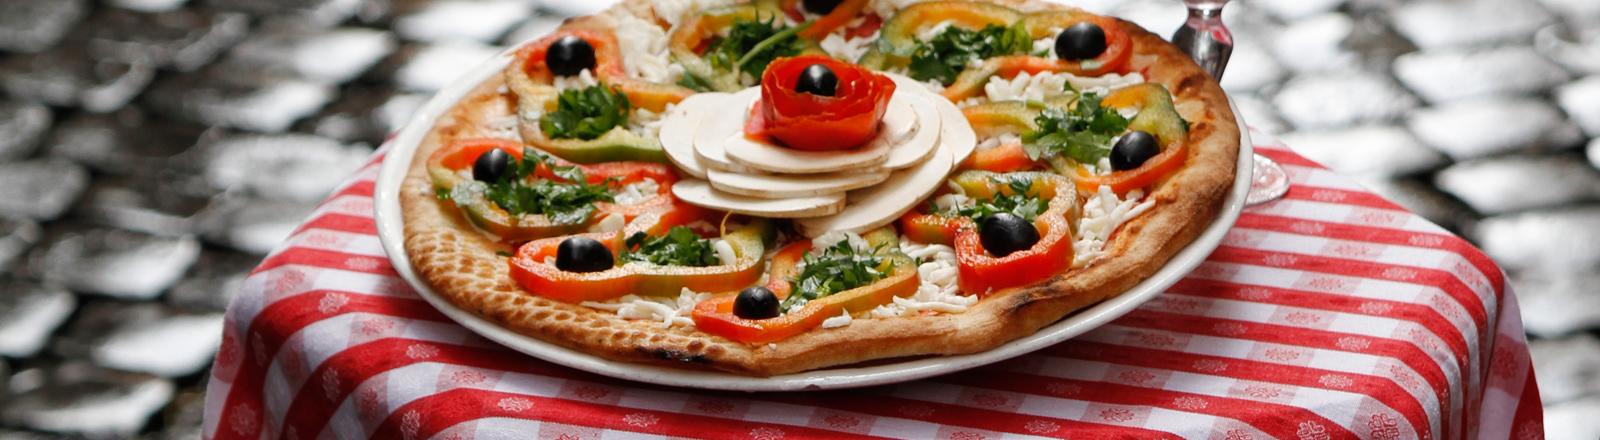 Eine echte italienische Pizza